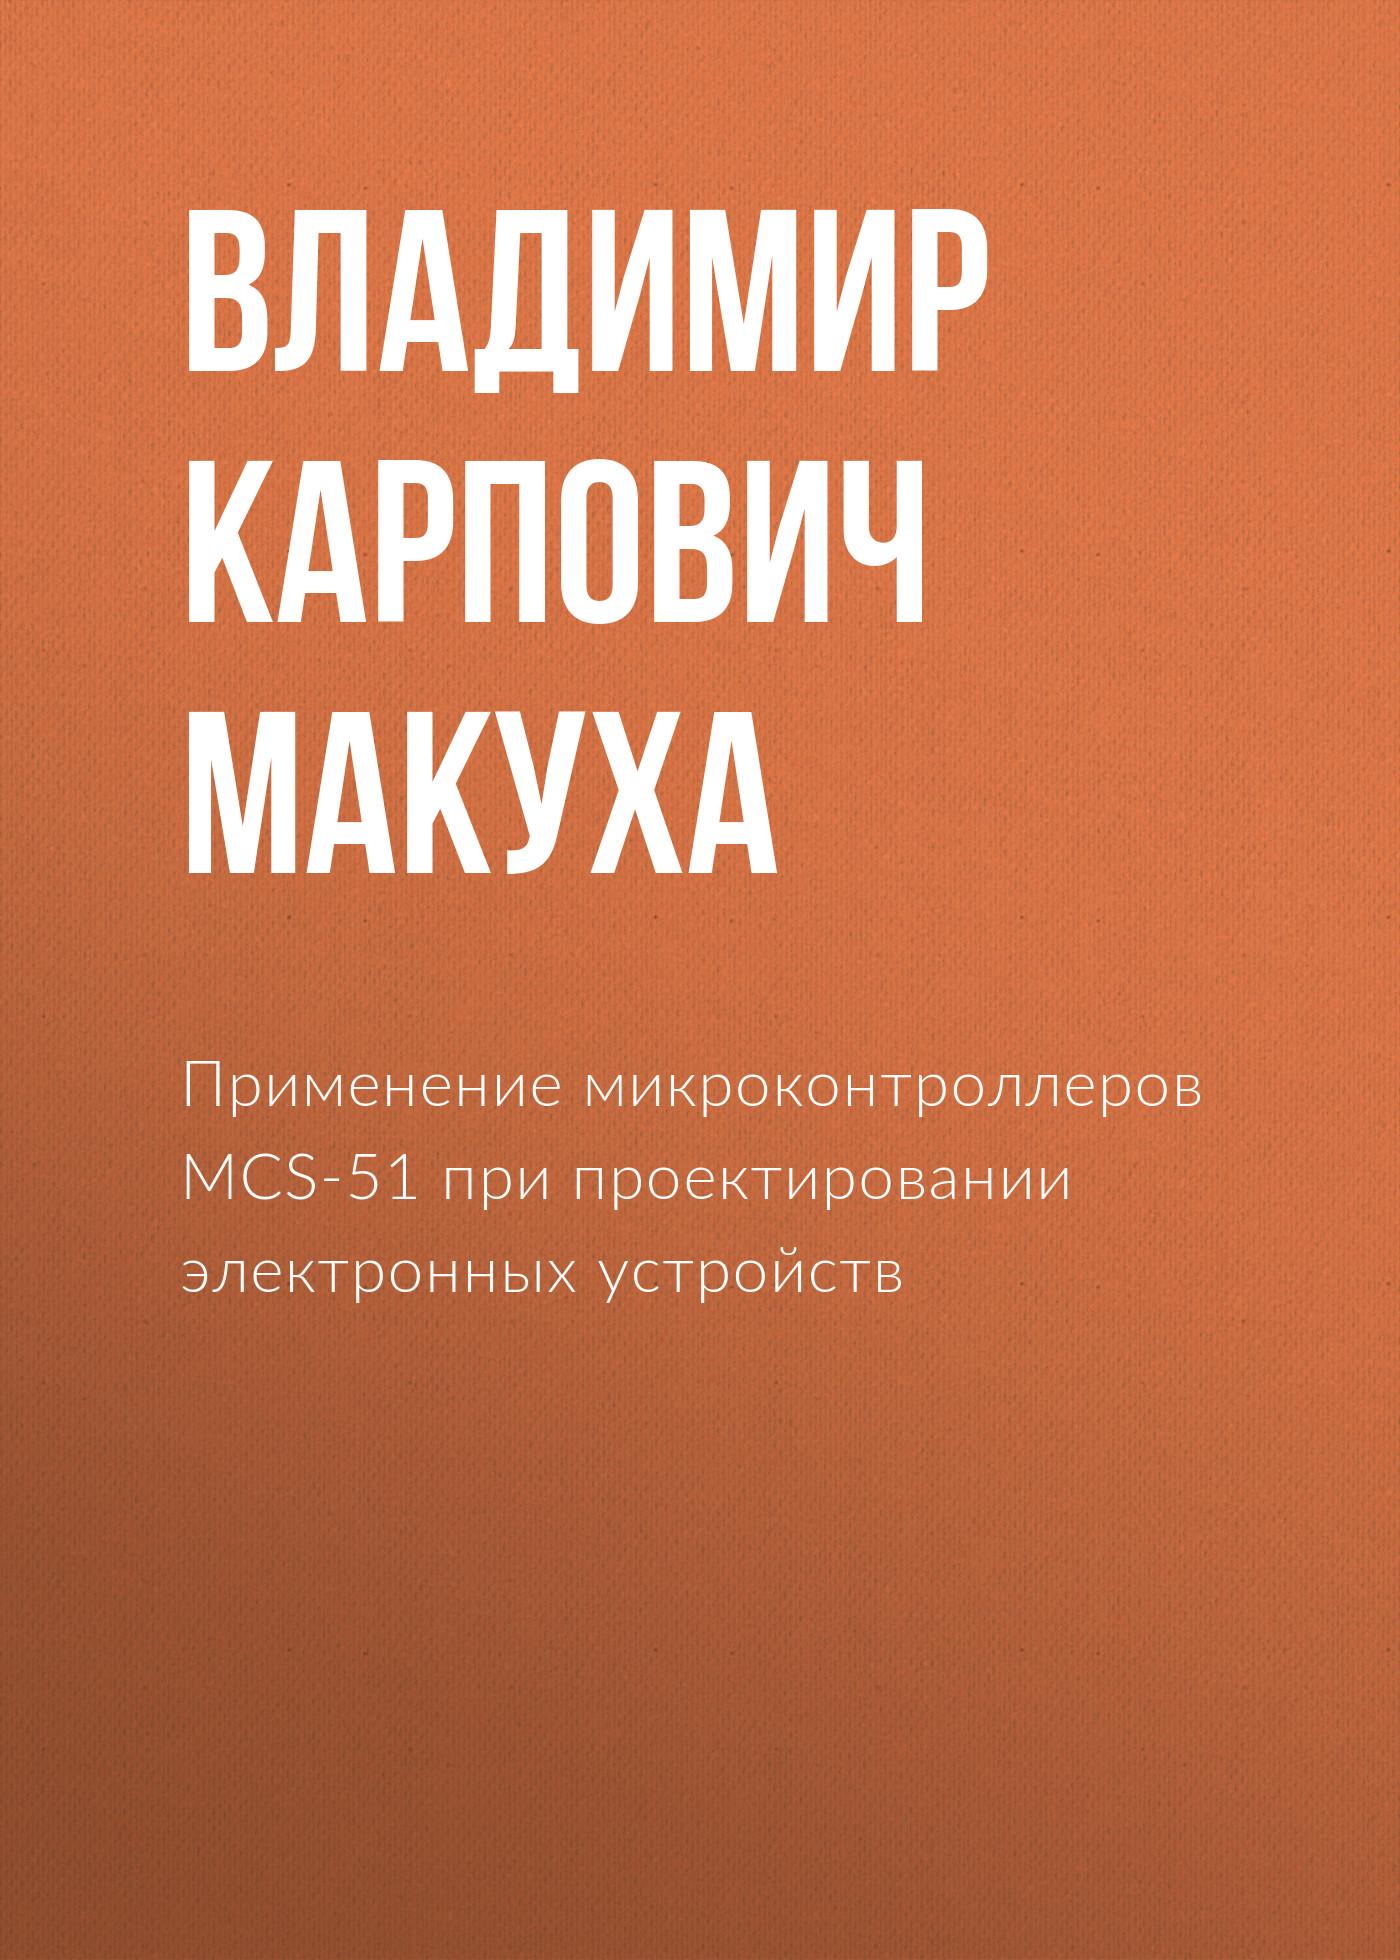 Владимир Карпович Макуха Применение микроконтроллеров MCS-51 при проектировании электронных устройств